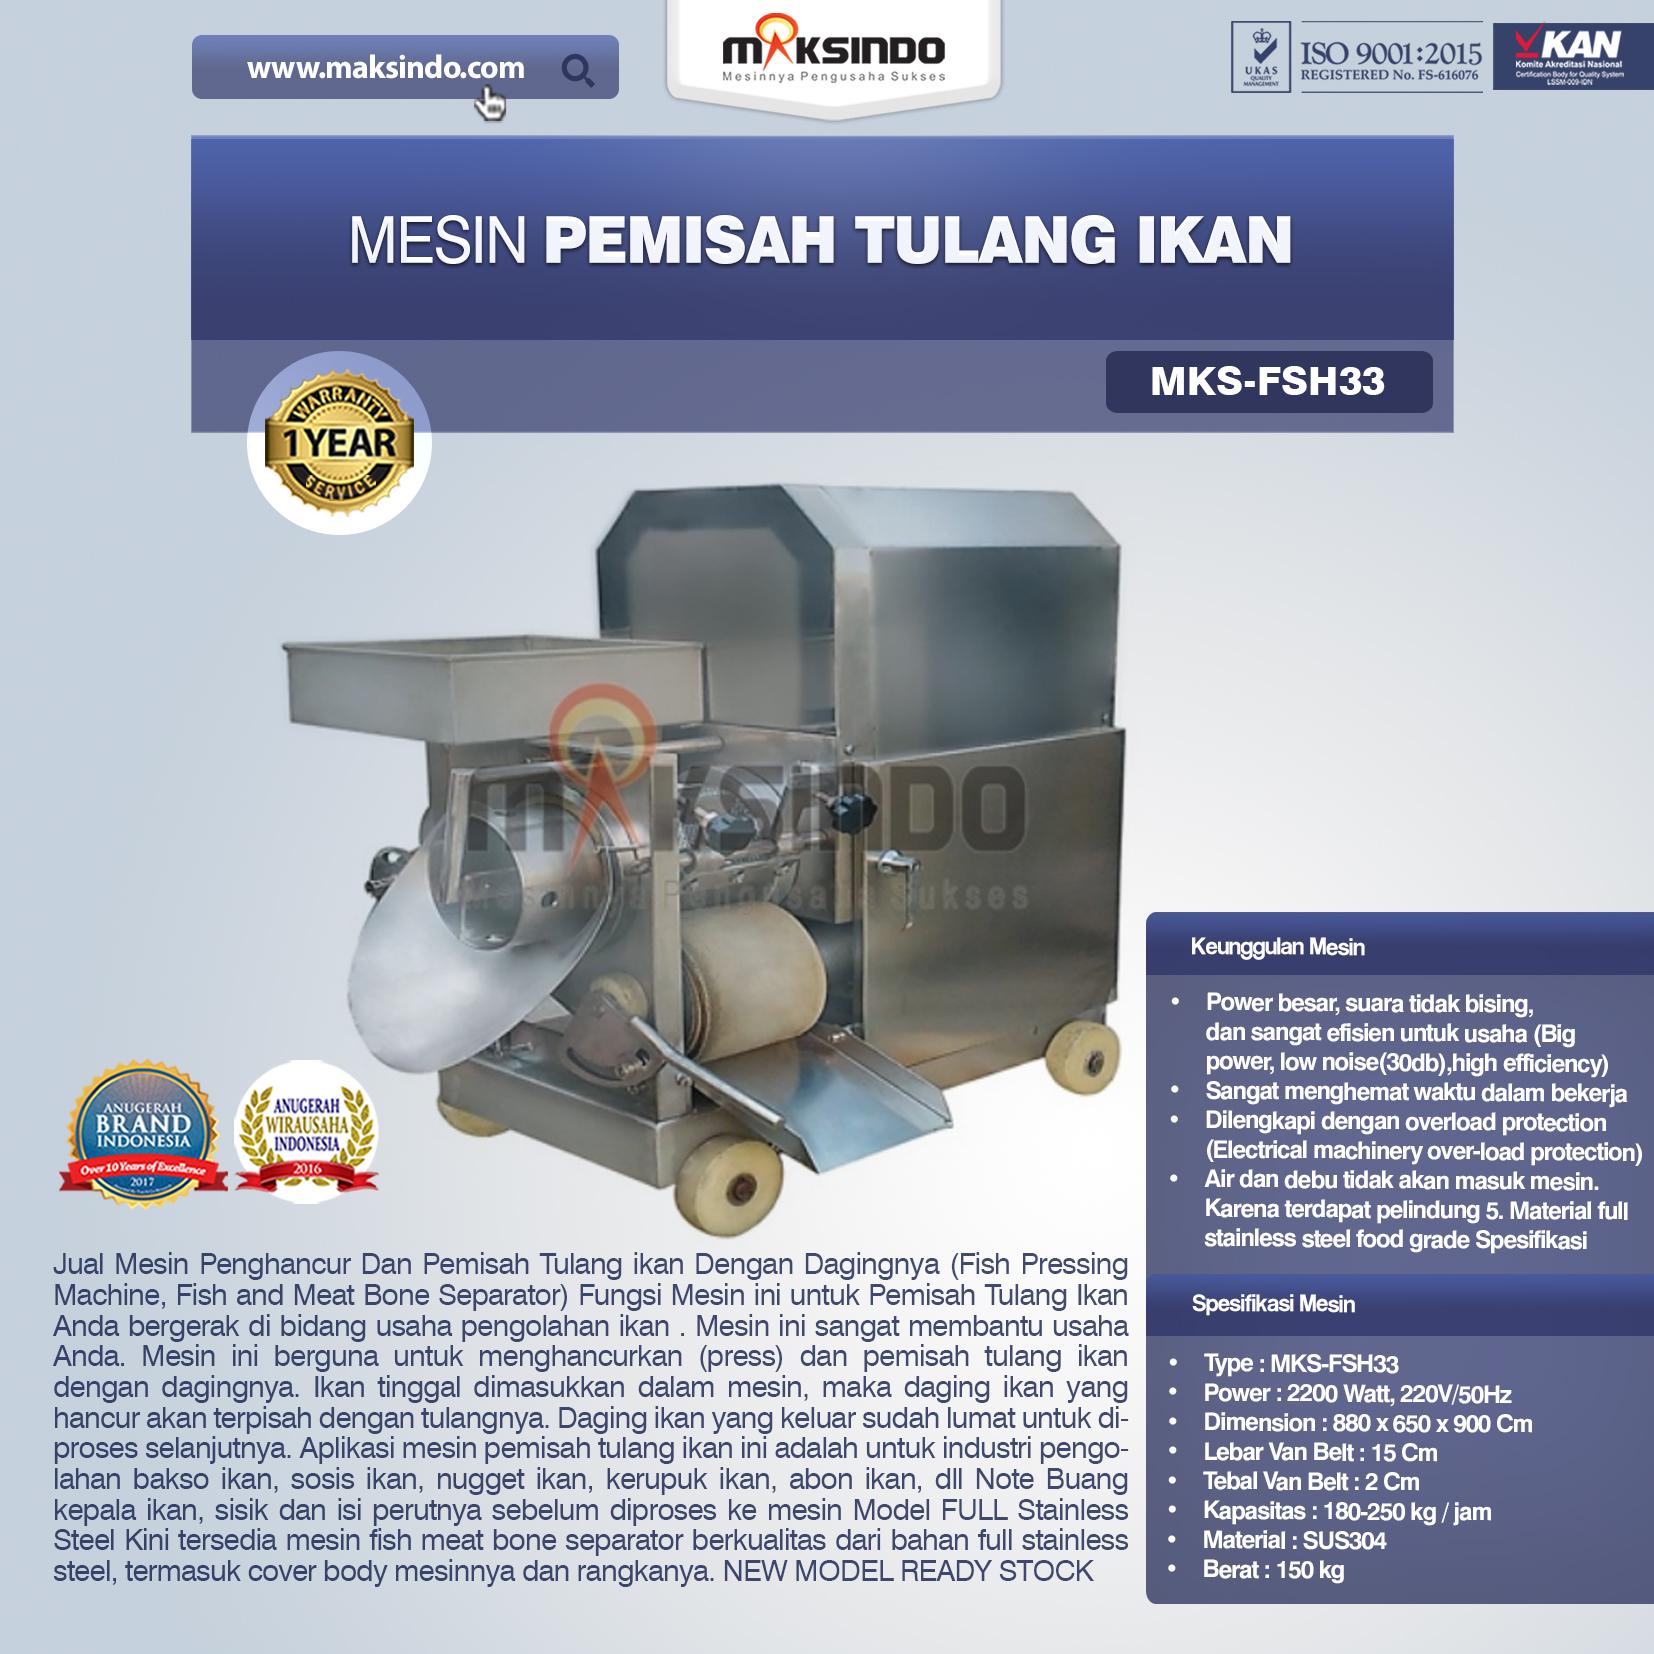 Jual Mesin Pemisah Tulang Ikan (FSH33) di Jakarta